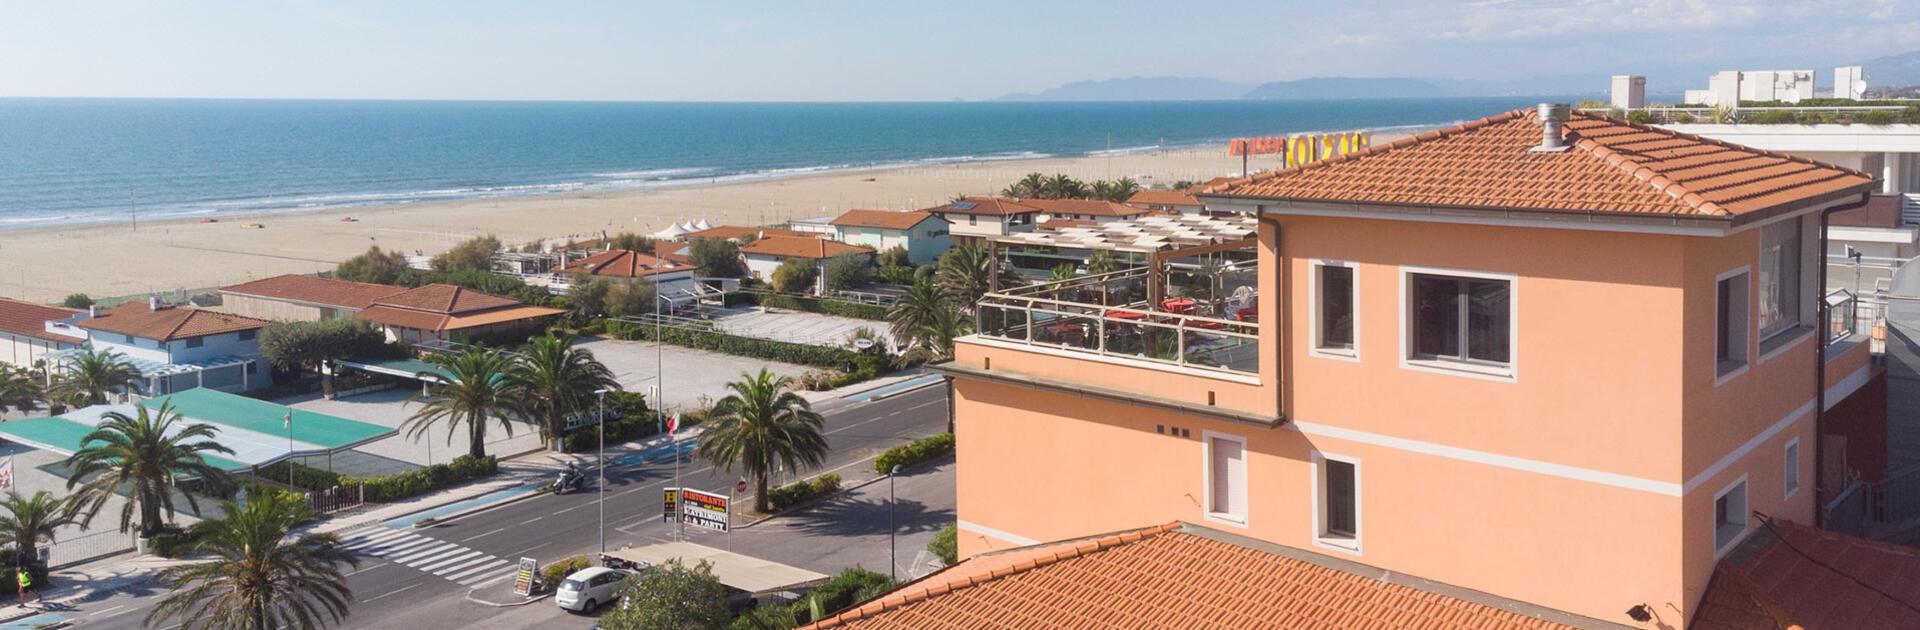 hotelbixio de junior-suite-spezialpaket 009